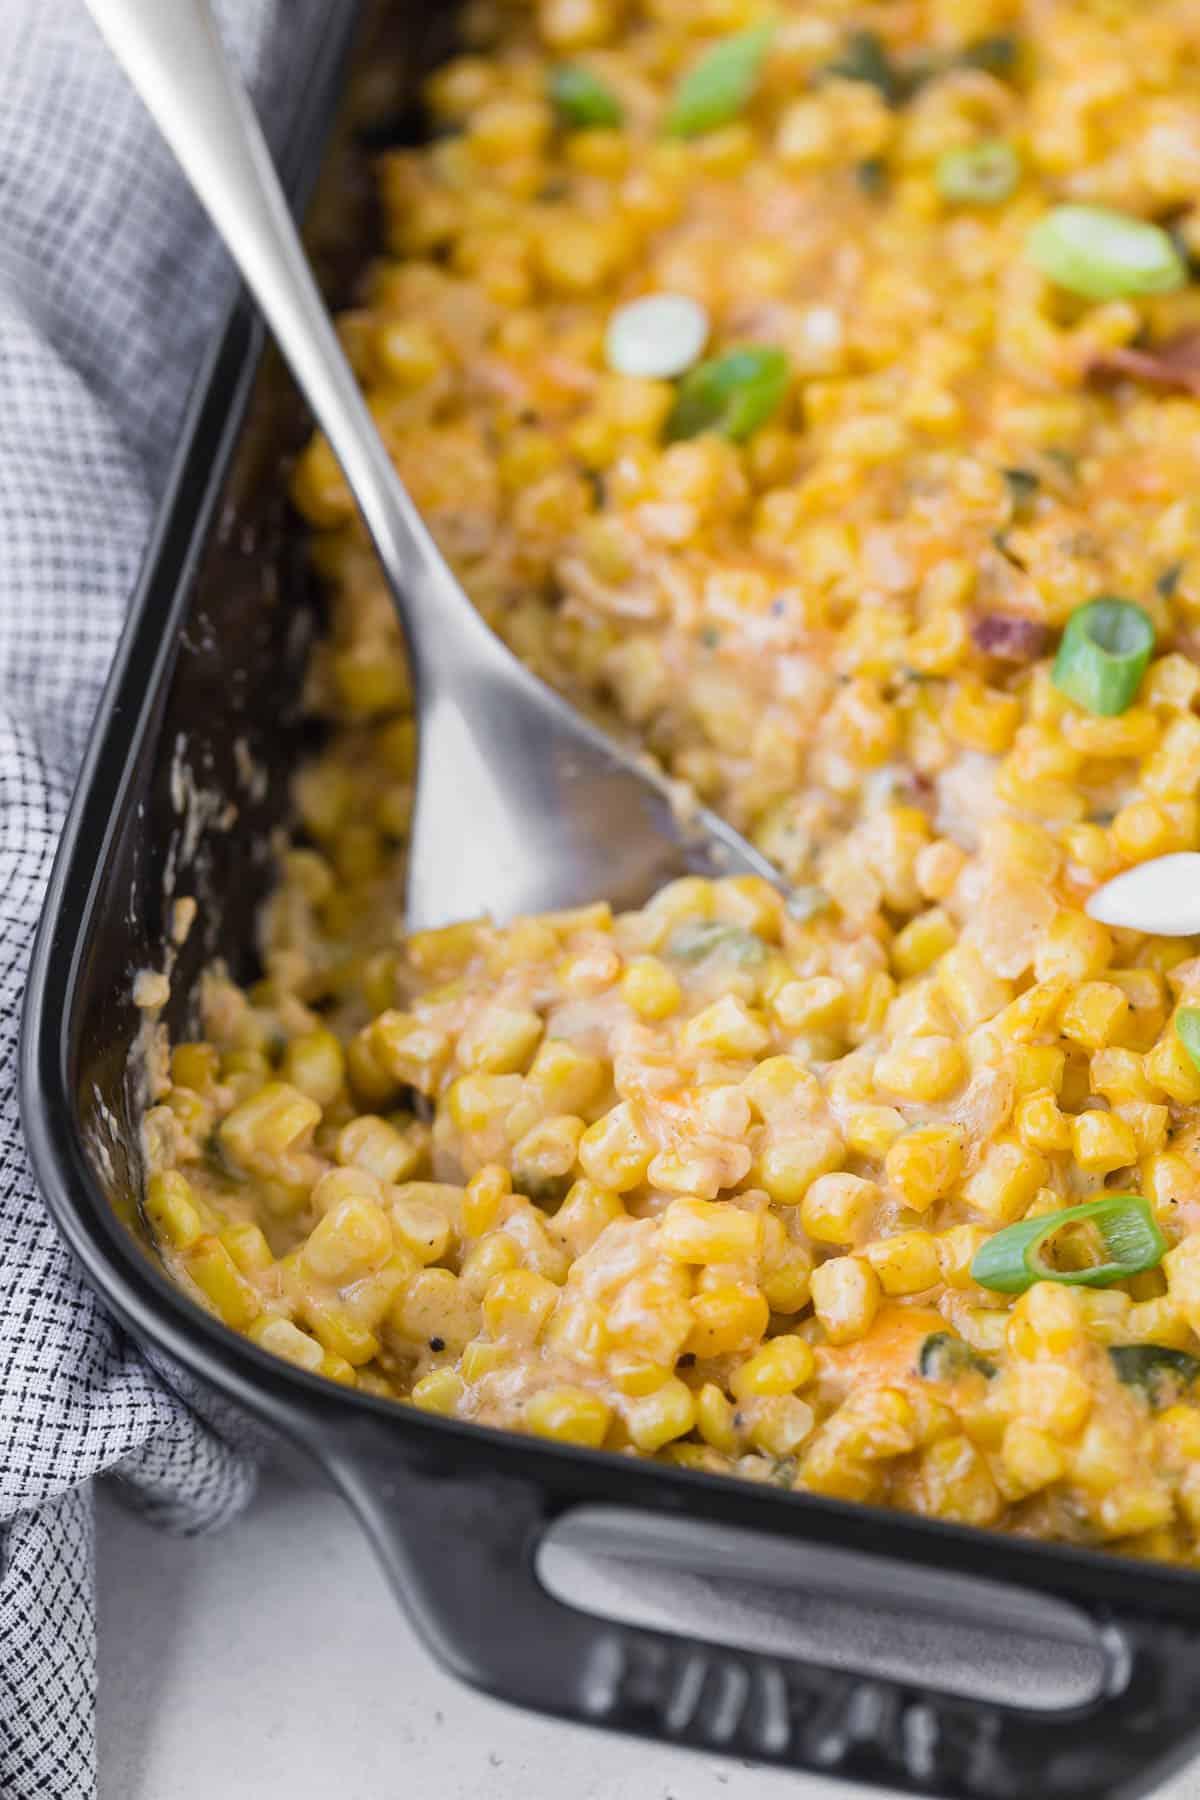 Cheesy corn casserole in a black casserole dish with a silver spoon.